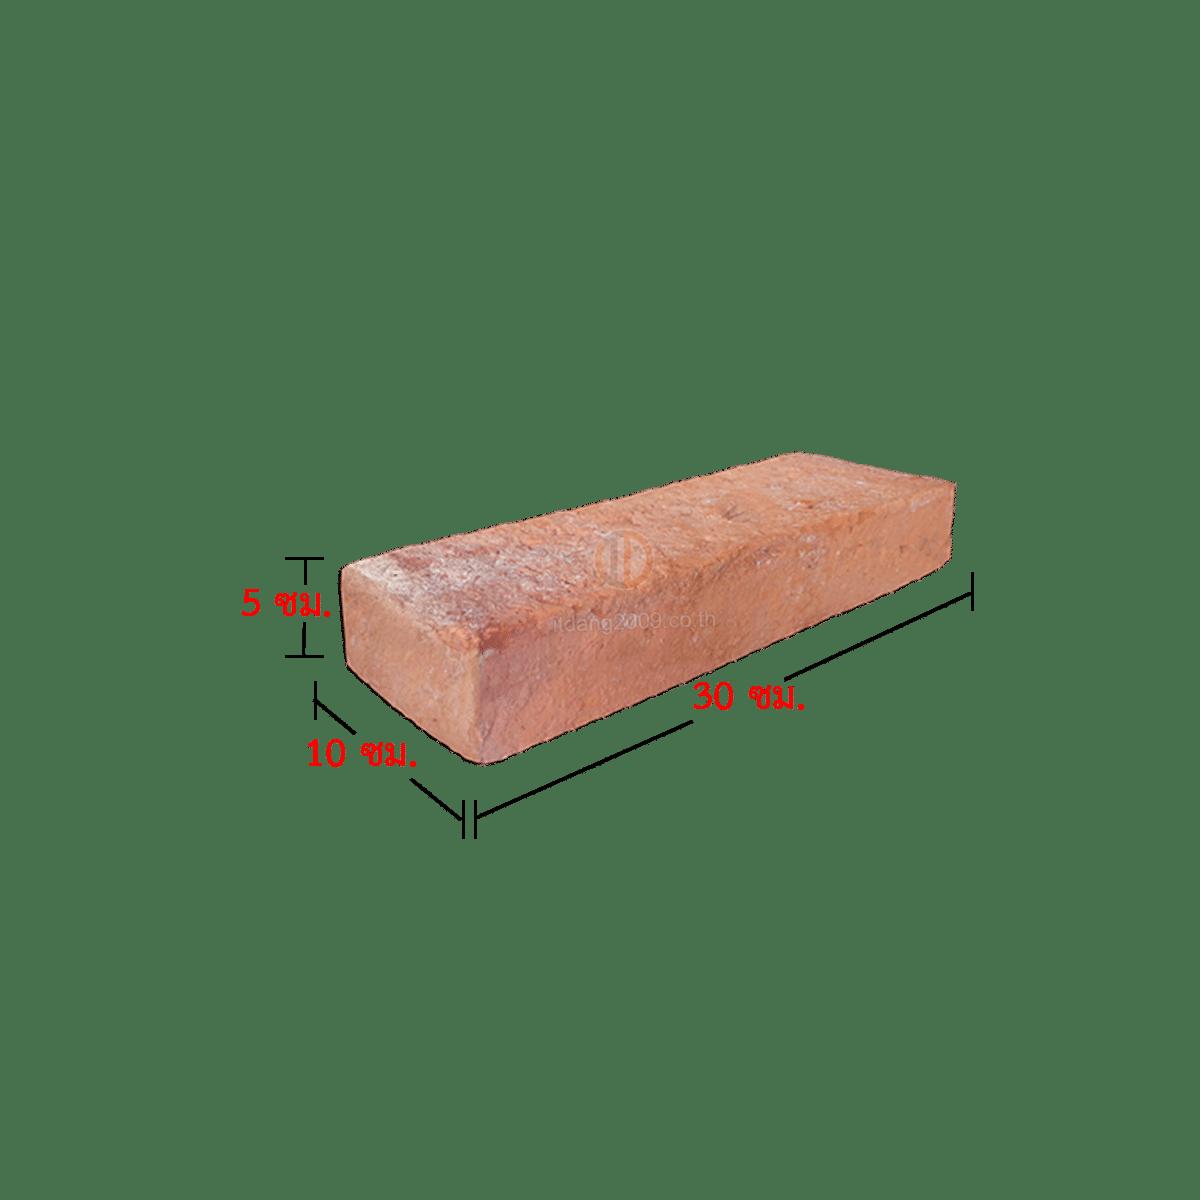 203 อิฐมอญโบราณ 03 (เผาแกลบ) ขนาด 5X10X30 ซม.